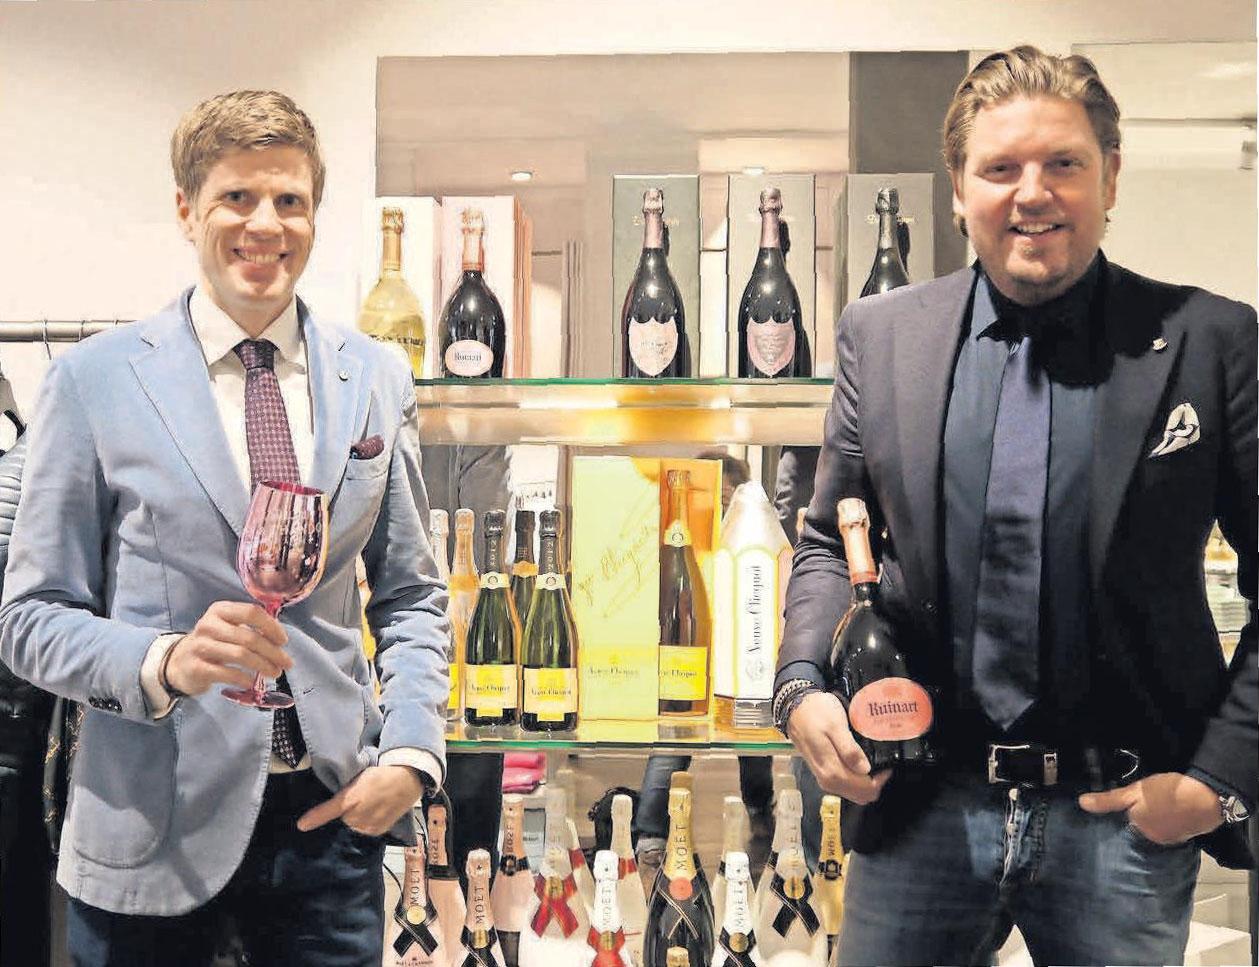 Gehobener Genuss: Inhaber Alexander Jänisch und Stephan Zapf empfehlen einen edlen Champagner als Gastgeschenk für kommende Feste und Feiern.